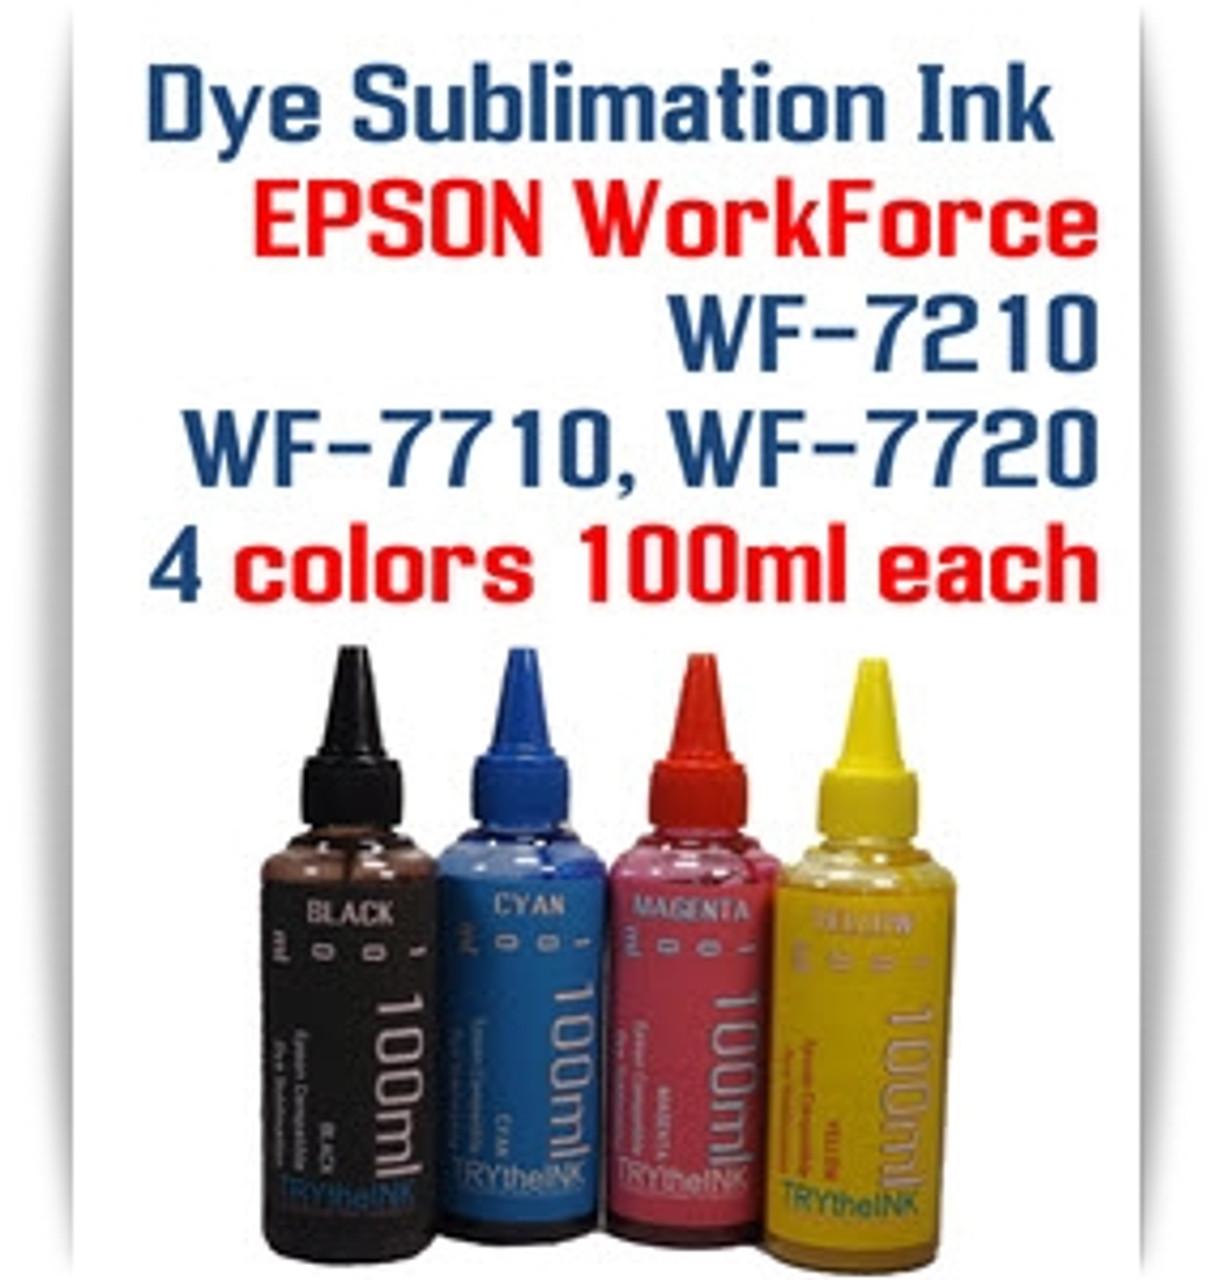 4- 100ml Dye Sublimation ink Epson WF-7210, WF-7710, WF-7720 printers